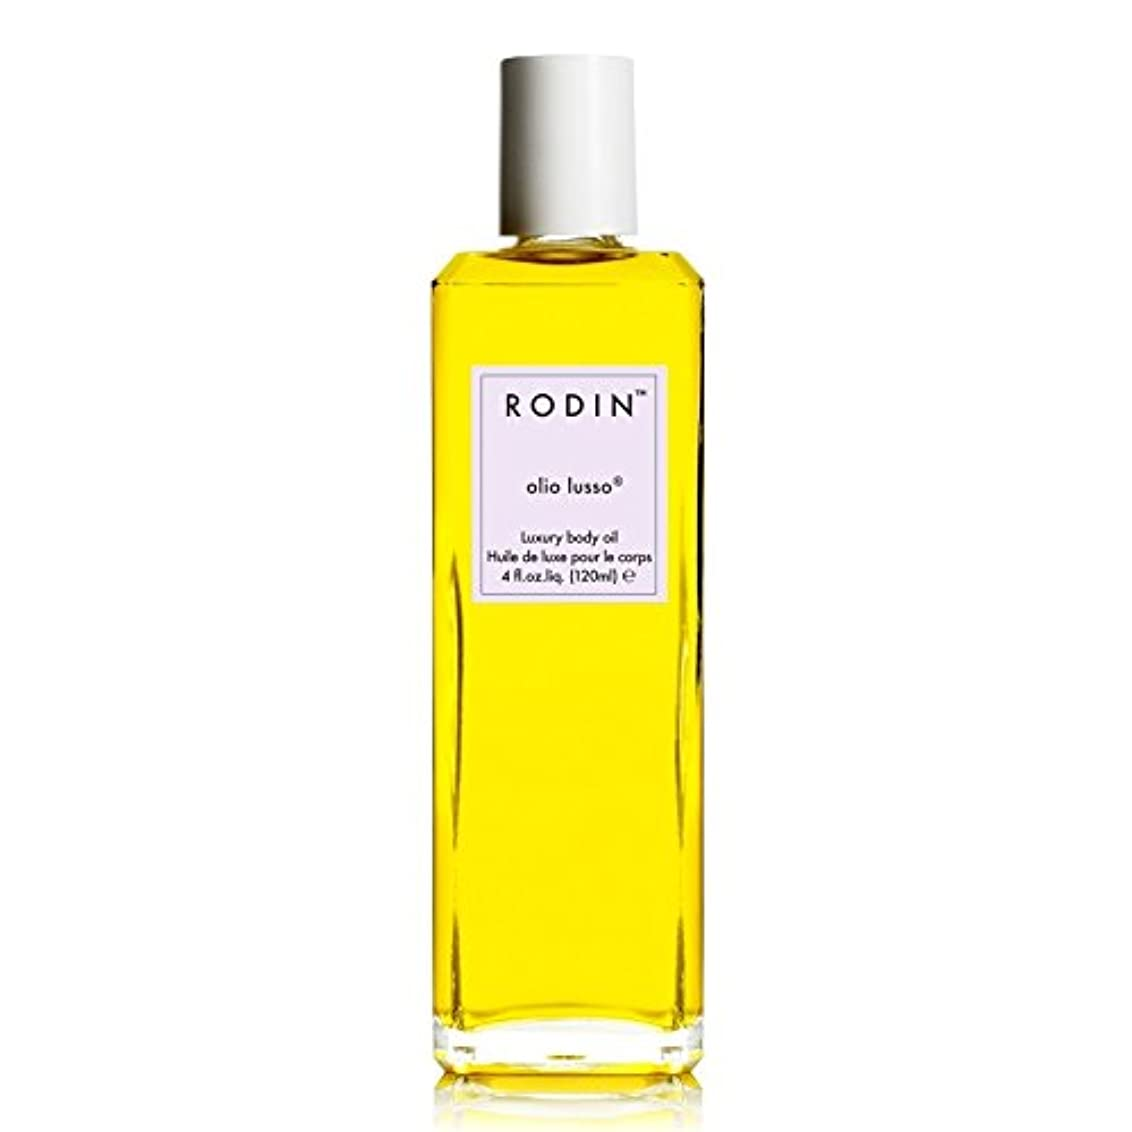 動詞歴史正確さRODIN olio lusso Lavender Absolute Luxury Body Oil 30ml - ロダンルッソラベンダー絶対贅沢なボディオイル30ミリリットル [並行輸入品]